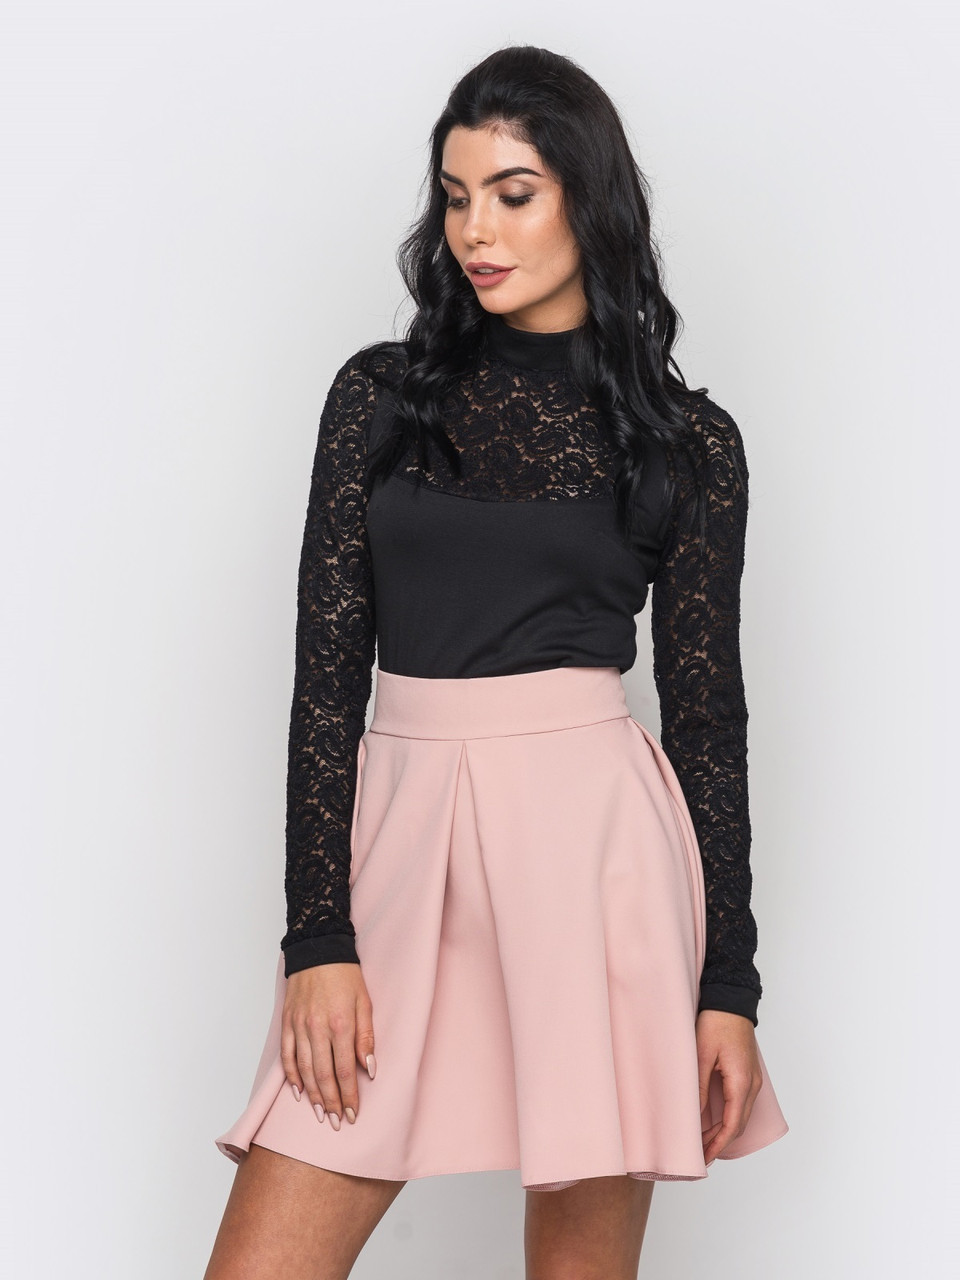 S   Молодіжна чорна блузка з гіпюровими рукавами Lilu